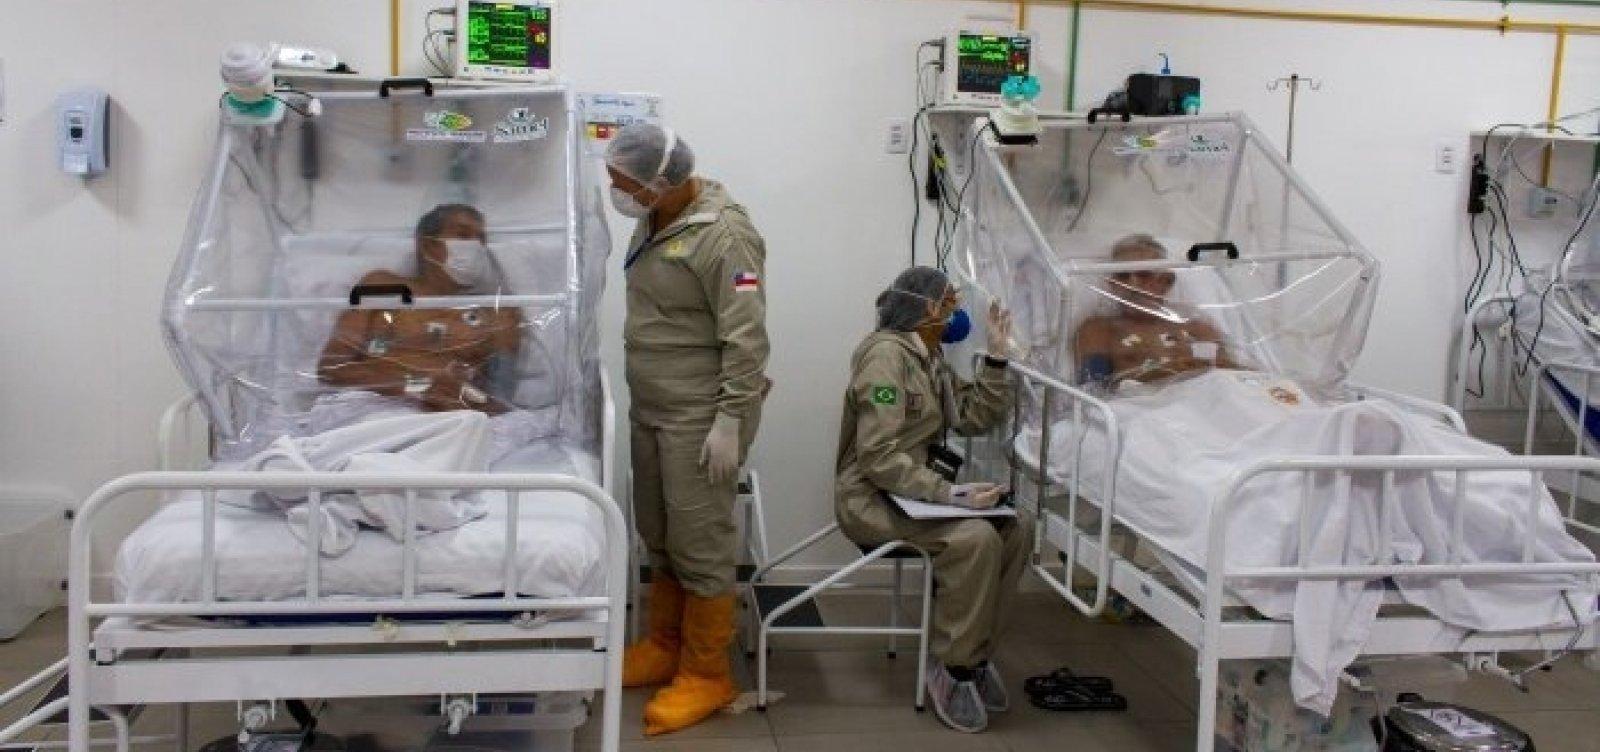 [Manaus: internações por Covid-19 em 9 dias superam o mês de dezembro inteiro]